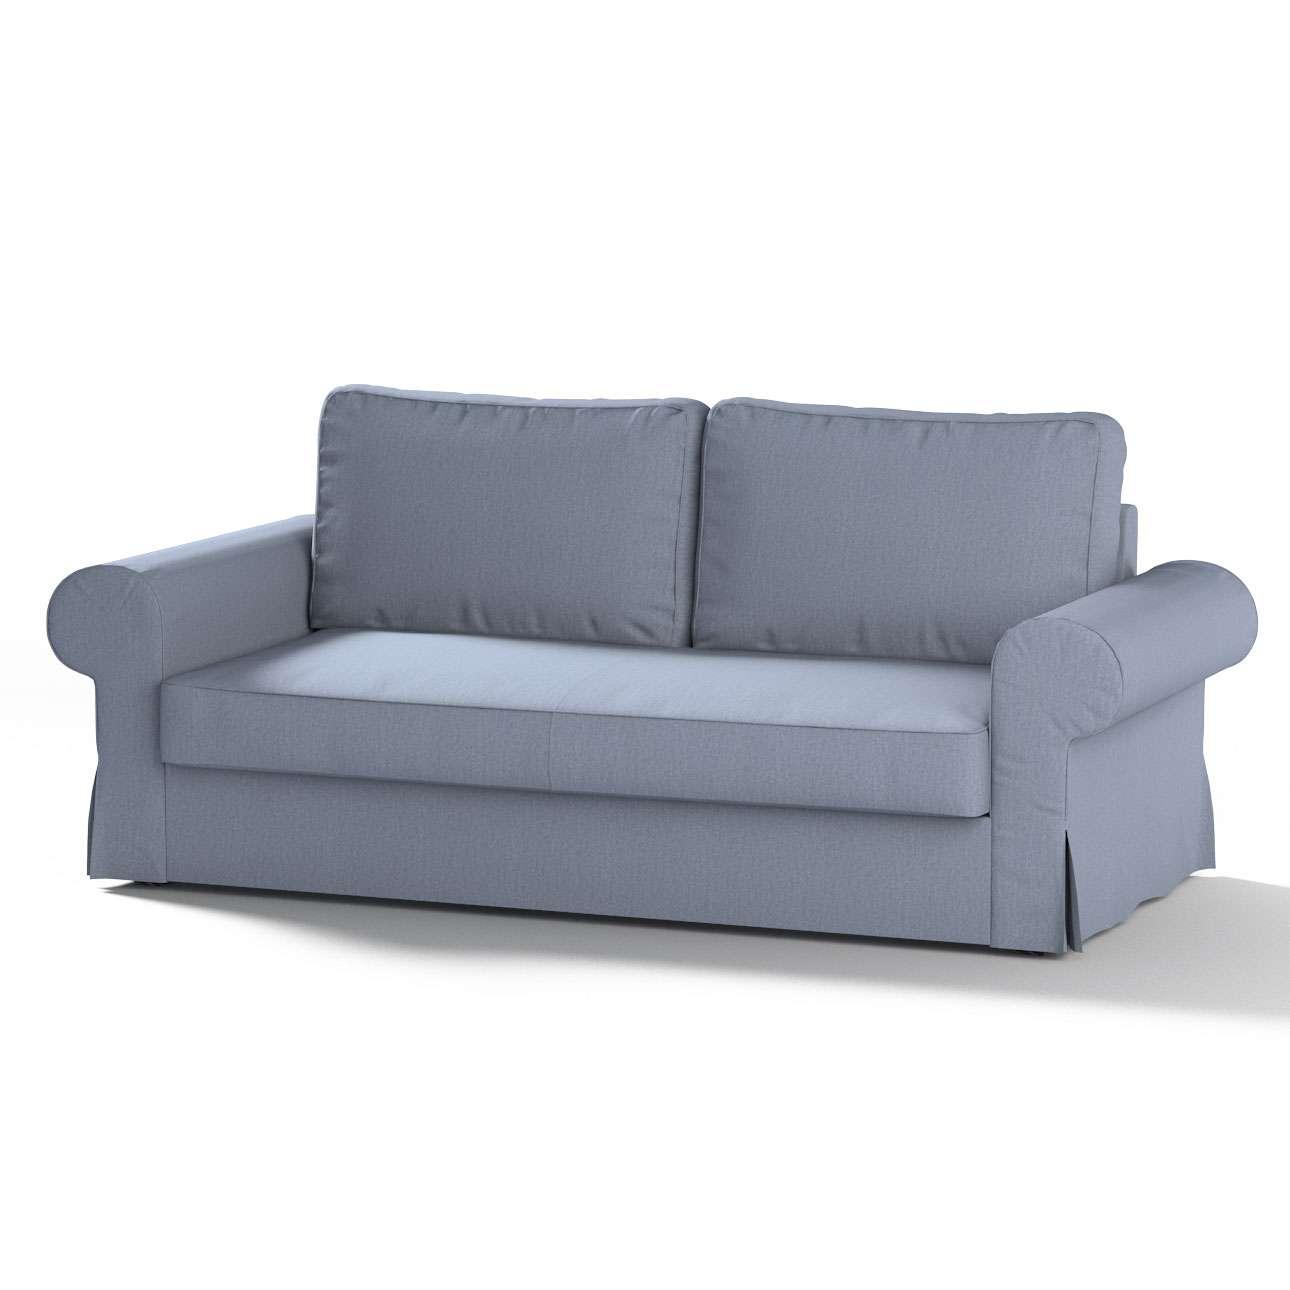 Pokrowiec na sofę Backabro 3-osobową rozkładaną sofa Backabro 3-osobowa rozkładana w kolekcji Chenille, tkanina: 702-13